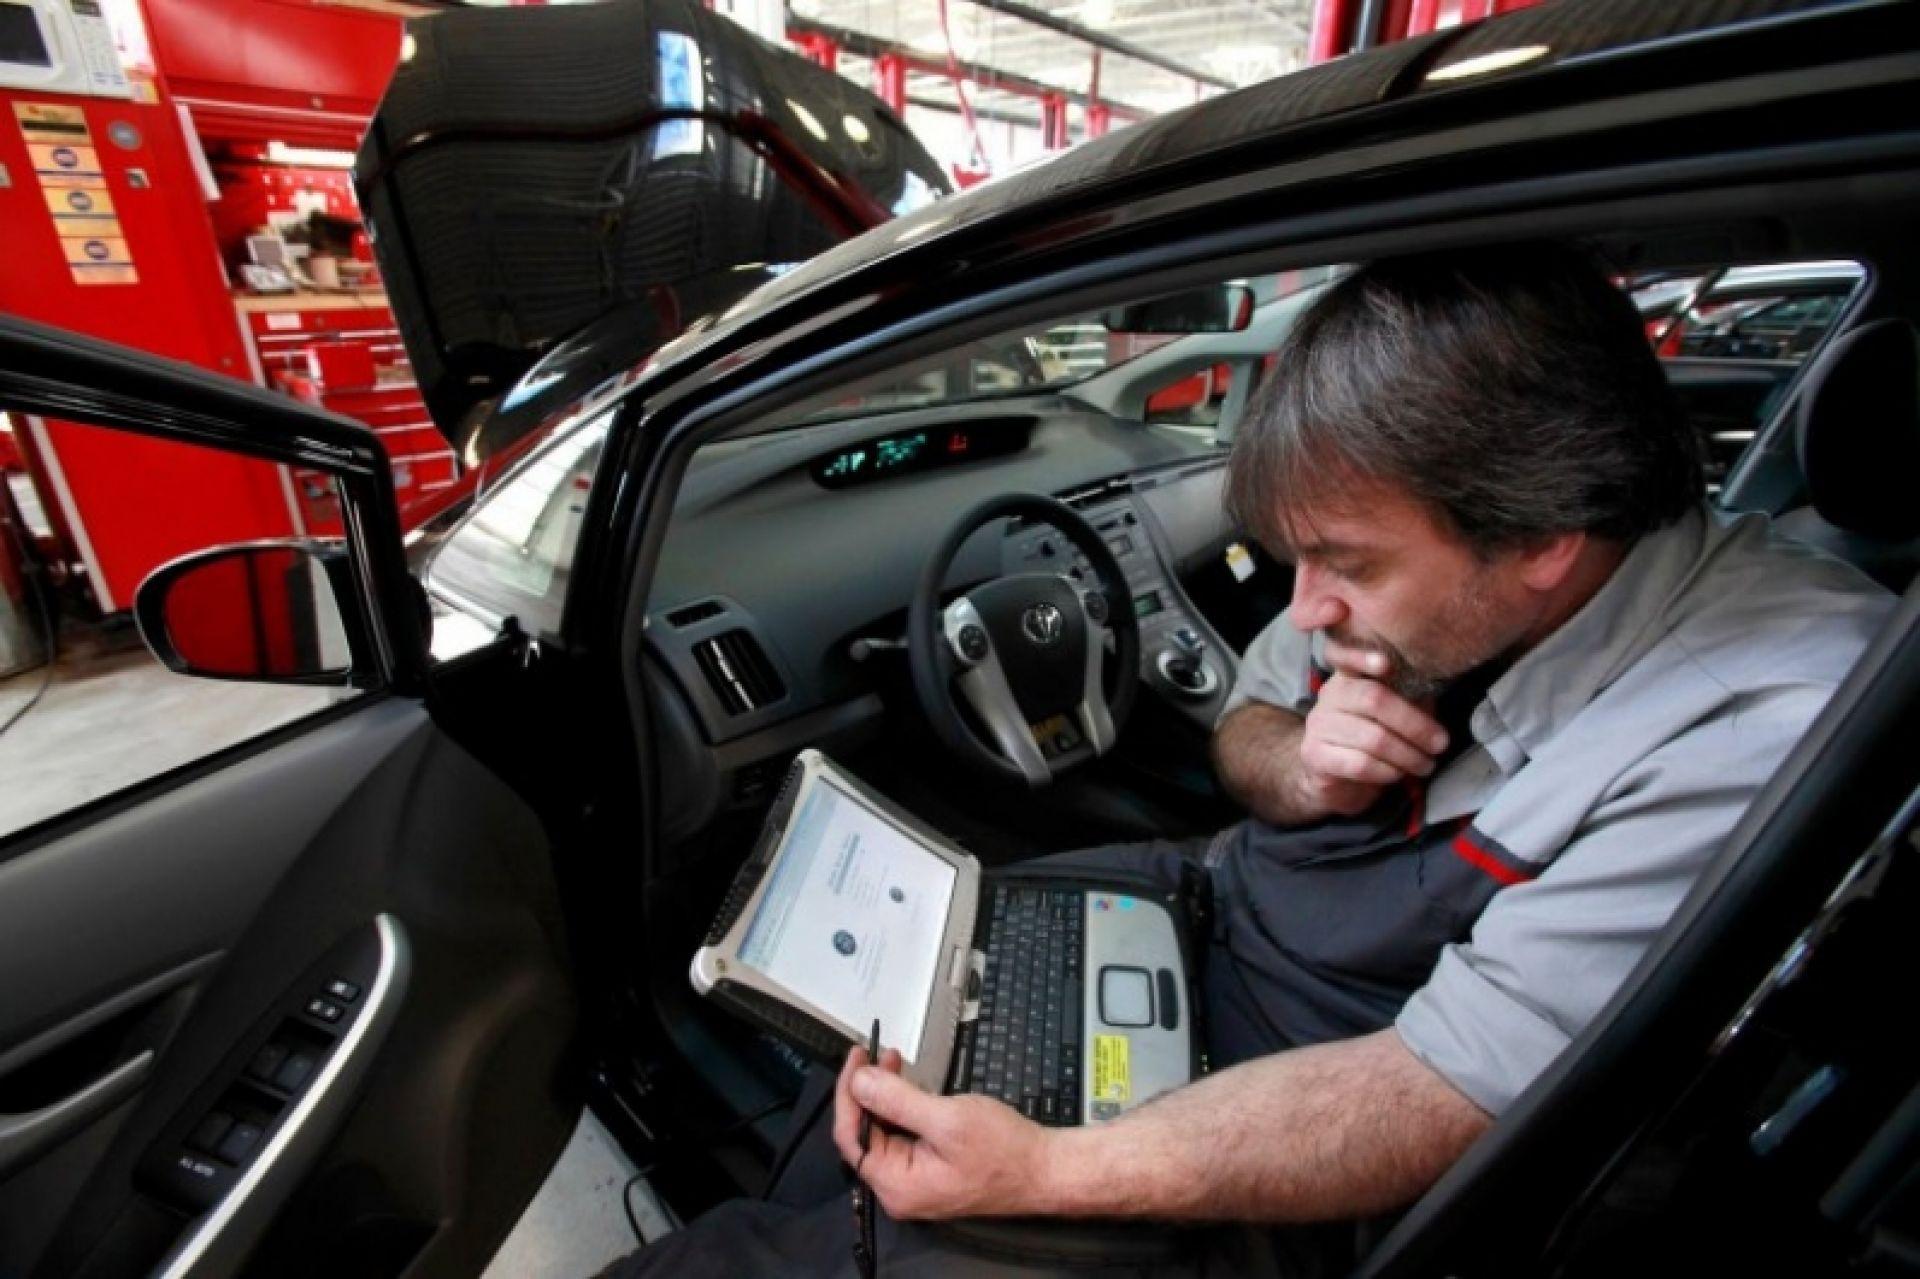 Эксперты выяснили, как хакеры удаленно заглушают мотор машины